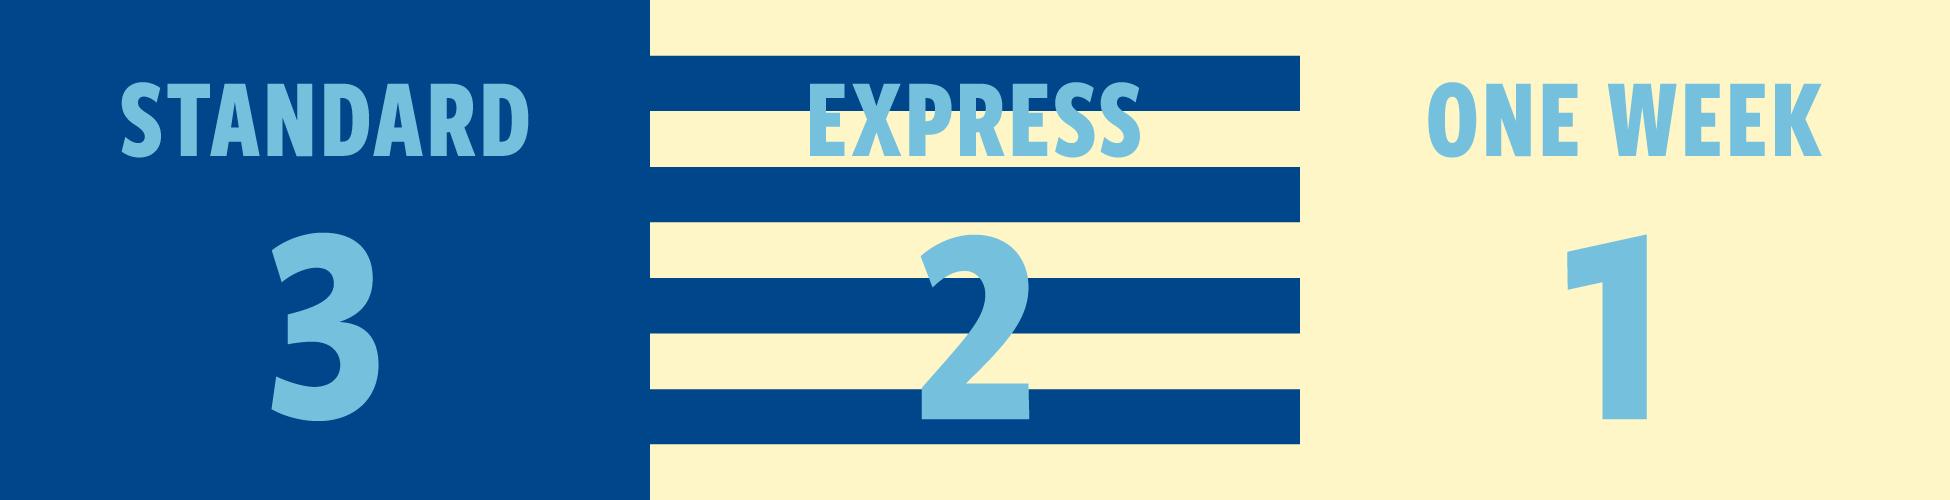 スタンダードは3週間、エクスプレスは2週間、ワンウイークは1週間納品